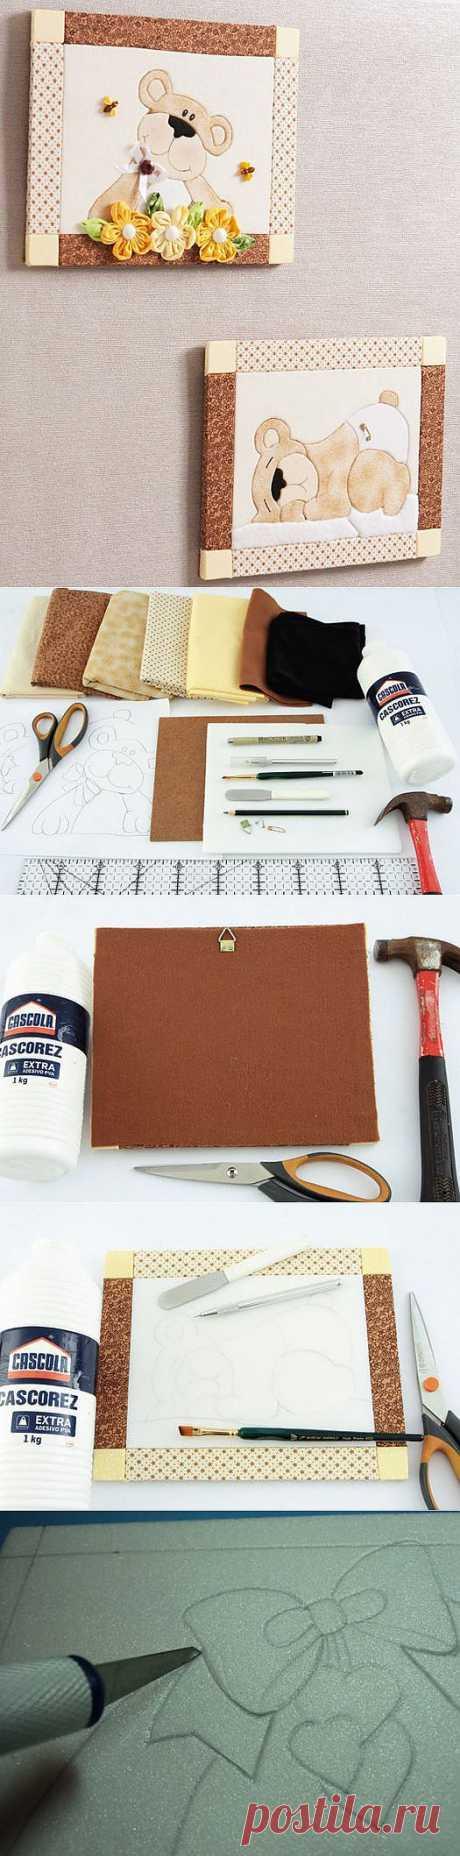 Поделки своими руками - Картины из ткани на пенопласте мастер-класс